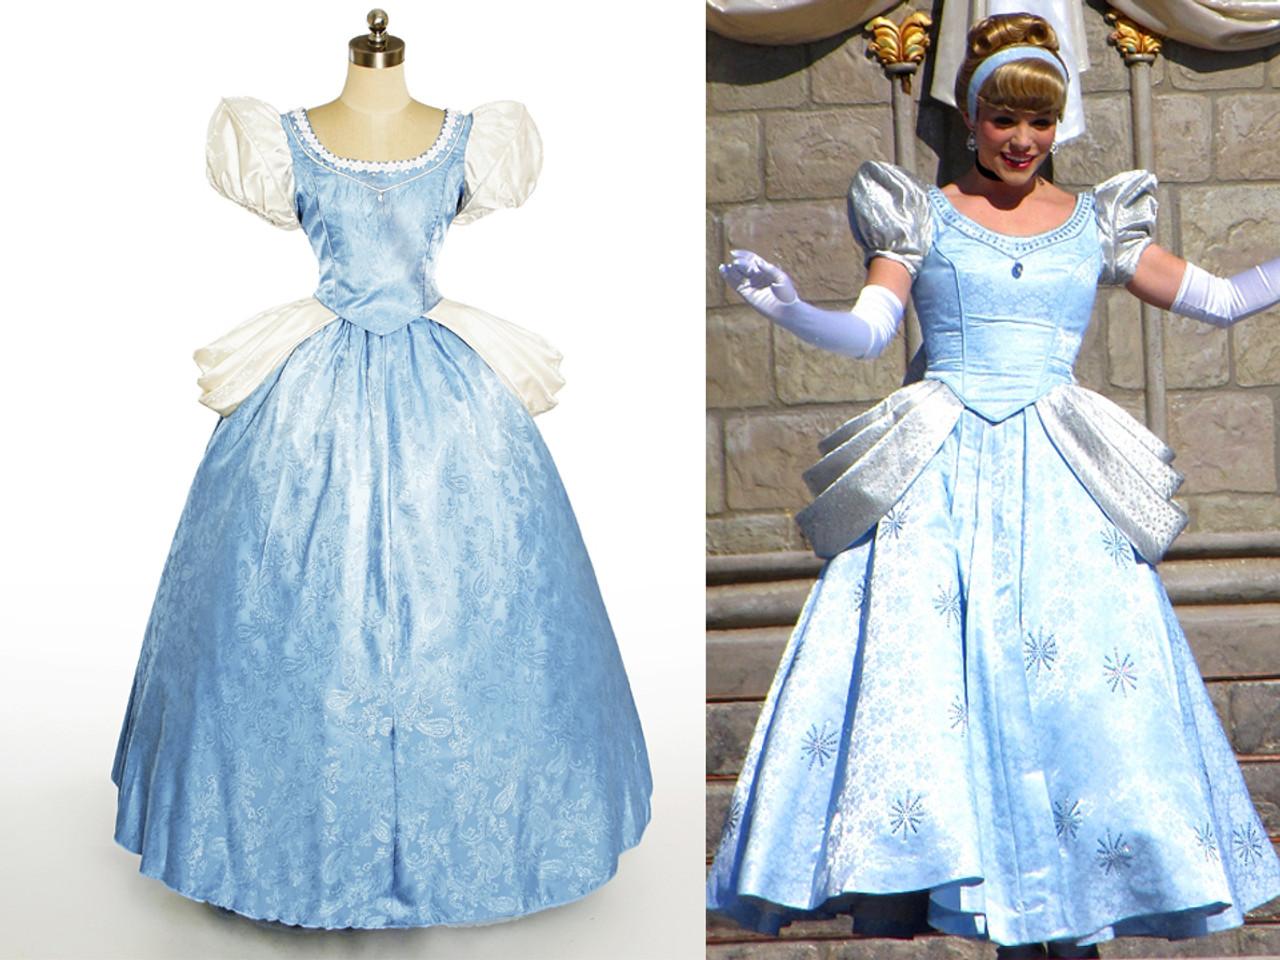 Delightful Disney Disneyland Cinderella Cosplay, Cinderella Costume*Paradeu0026Wedding  Versions